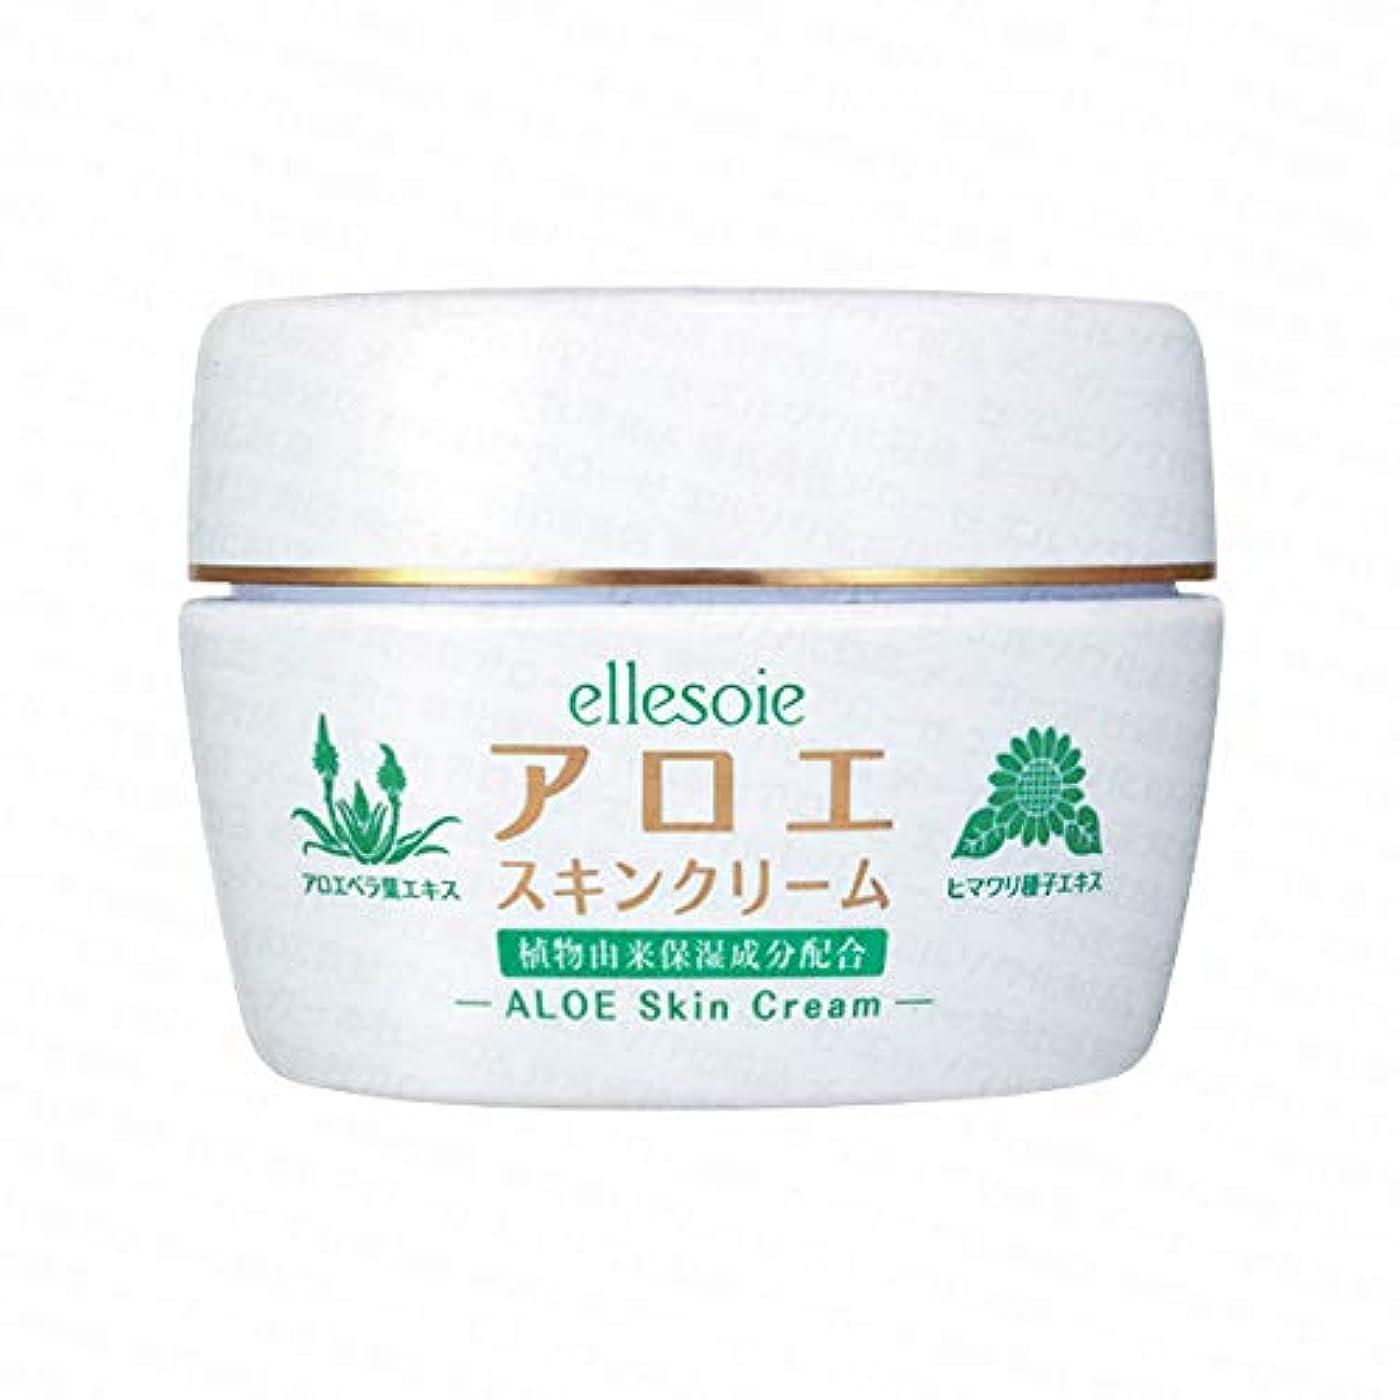 料理代表団めまいがエルソワ化粧品(ellesoie) アロエスキンクリーム 本体210g ボディ用保湿クリーム